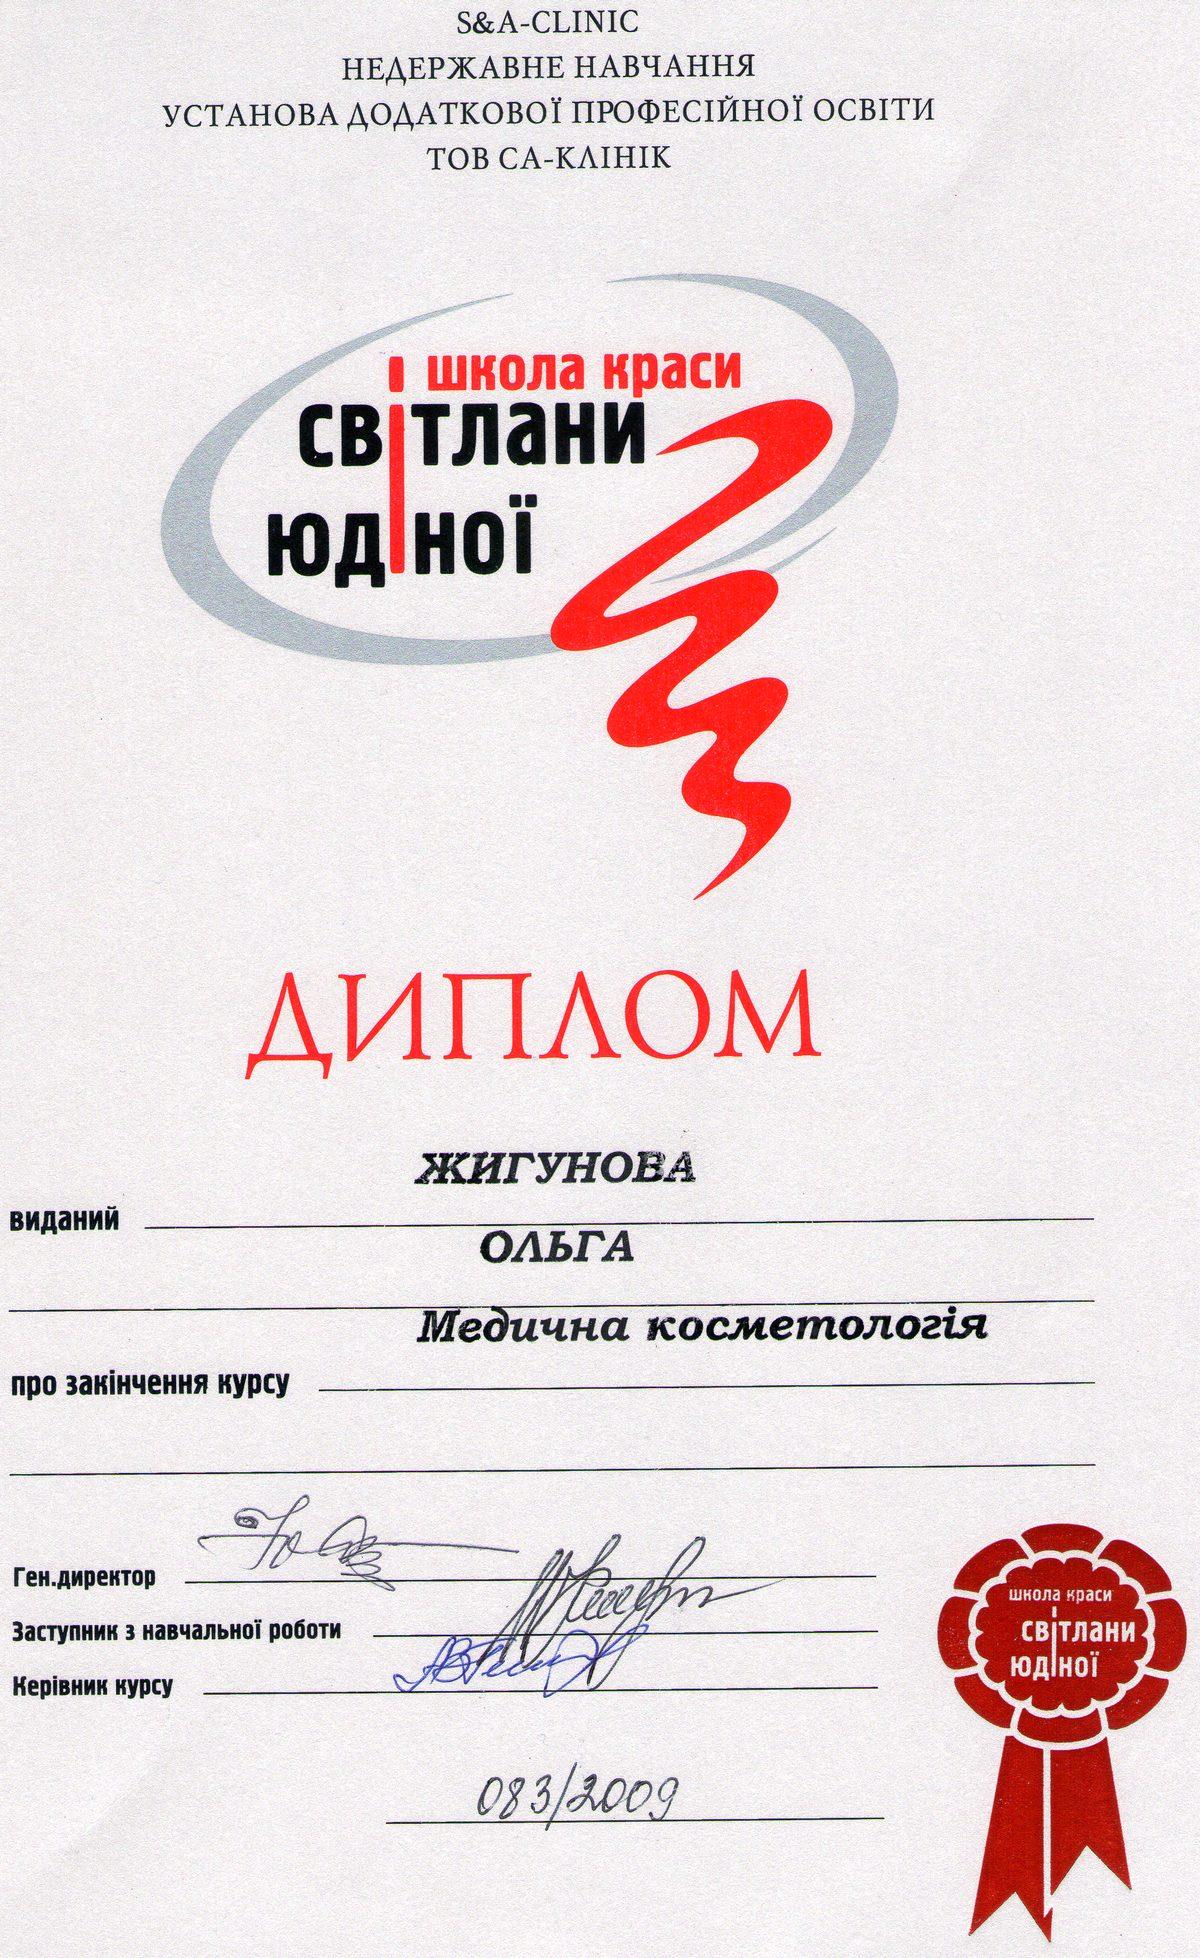 Документ №:16 Диплом пластического хирурга Жигуновой Ольги Владимировны